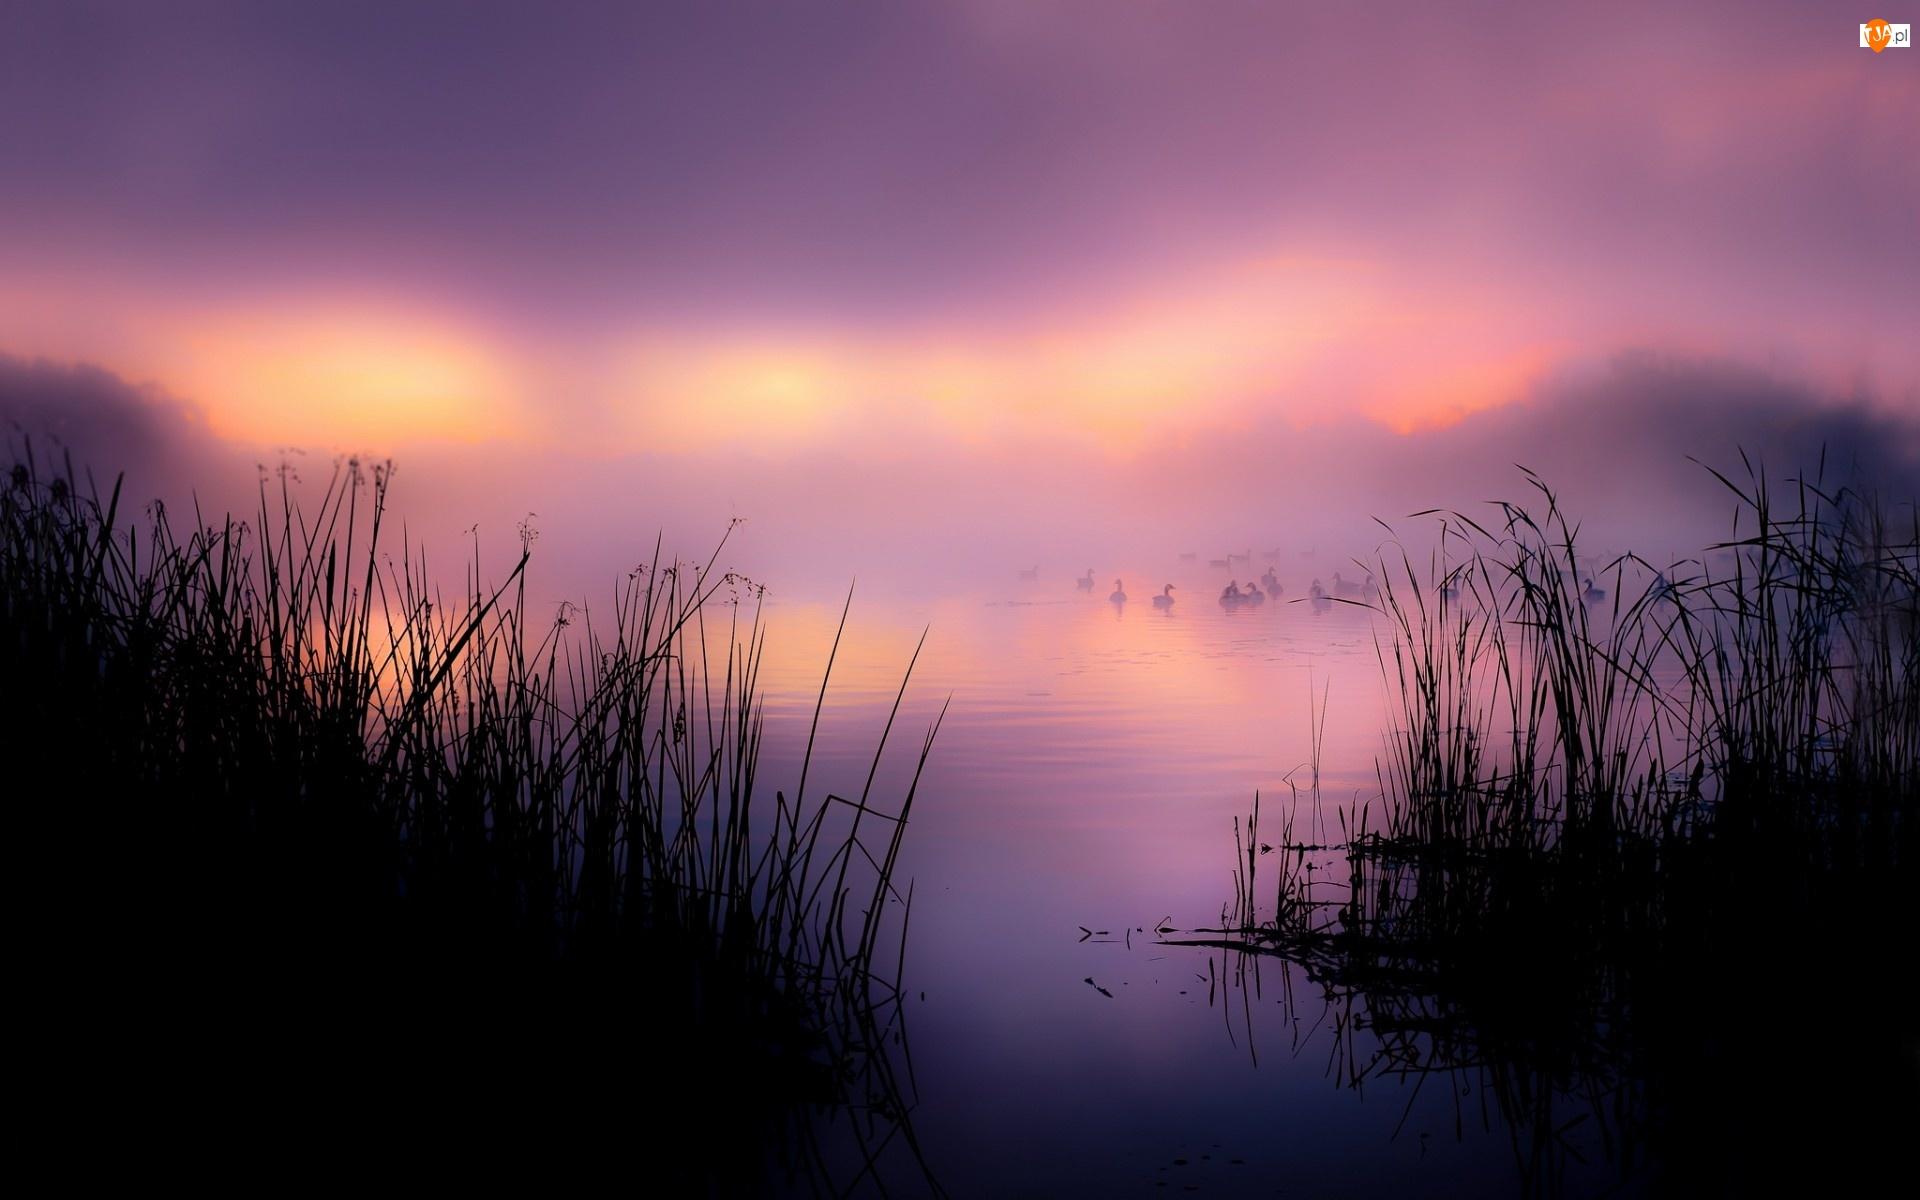 Poranek, Jezioro, Trawy, Kaczki, Mgła